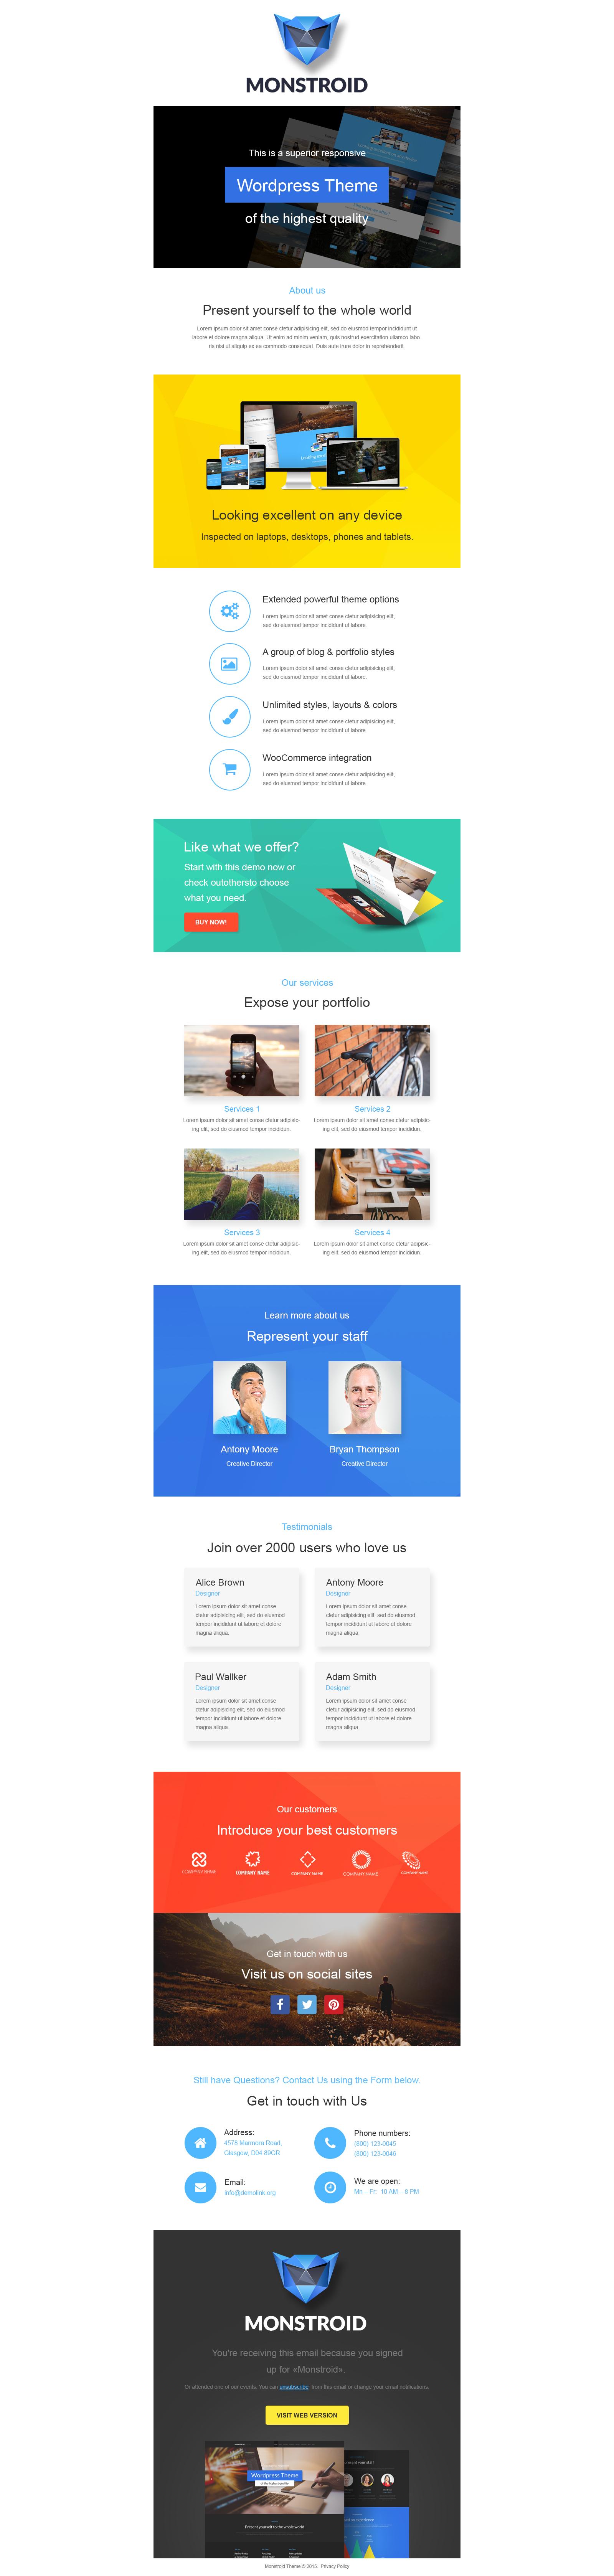 Modèle Bulletin adaptatif pour site d'affaires et de services #55166